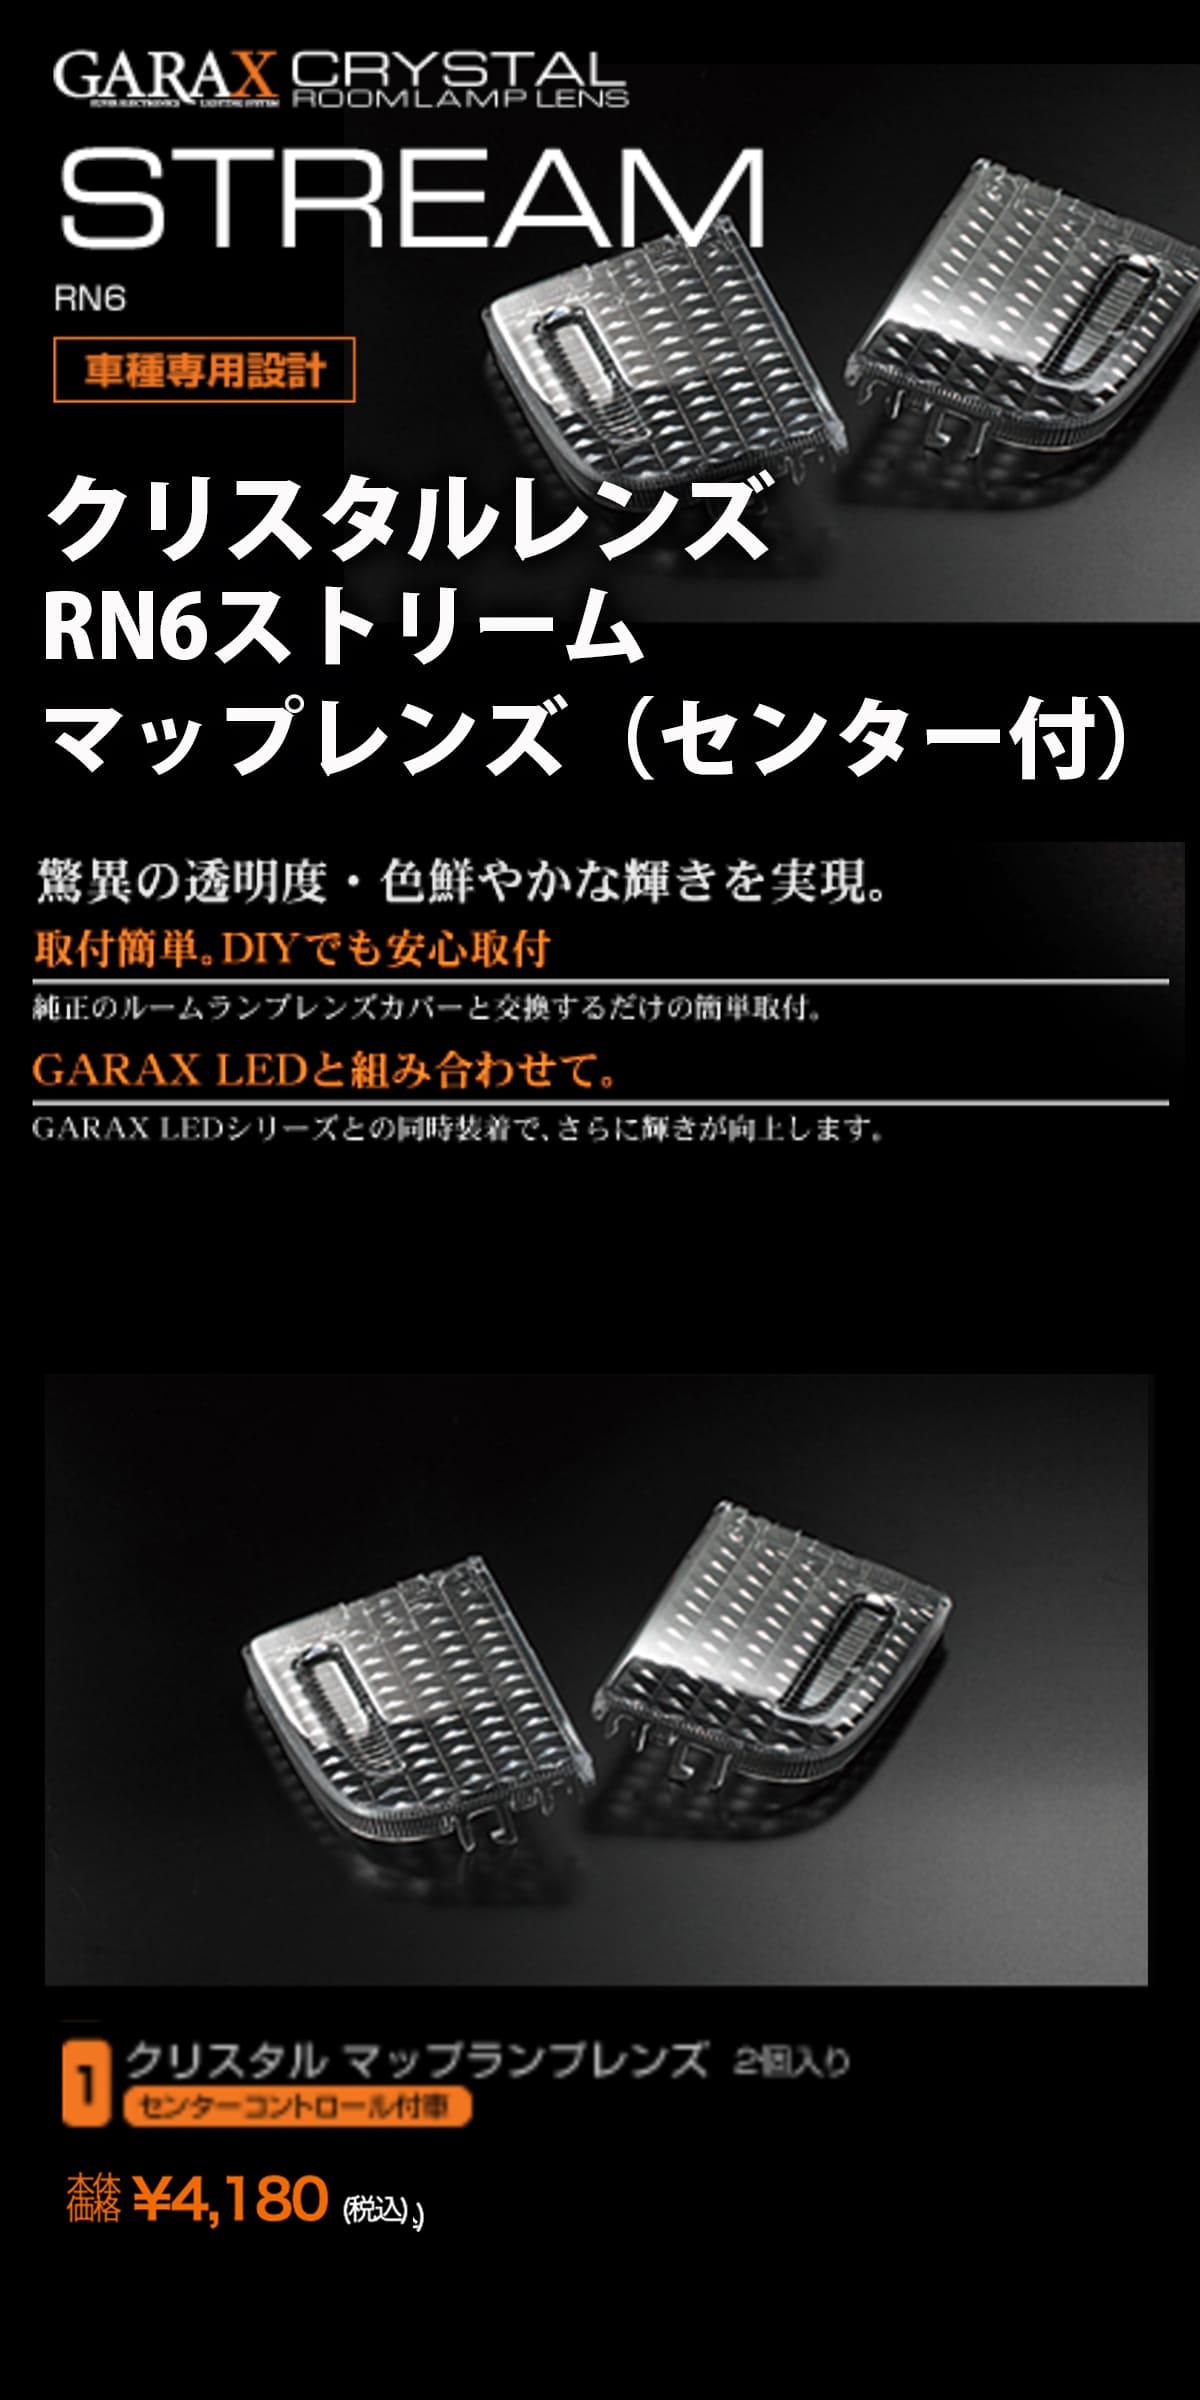 アウトレット品 評価 GARAX ギャラクス K-SPEC 正規品 クリスタルレンズ RN6 センター付 ストリーム マップランプレンズ